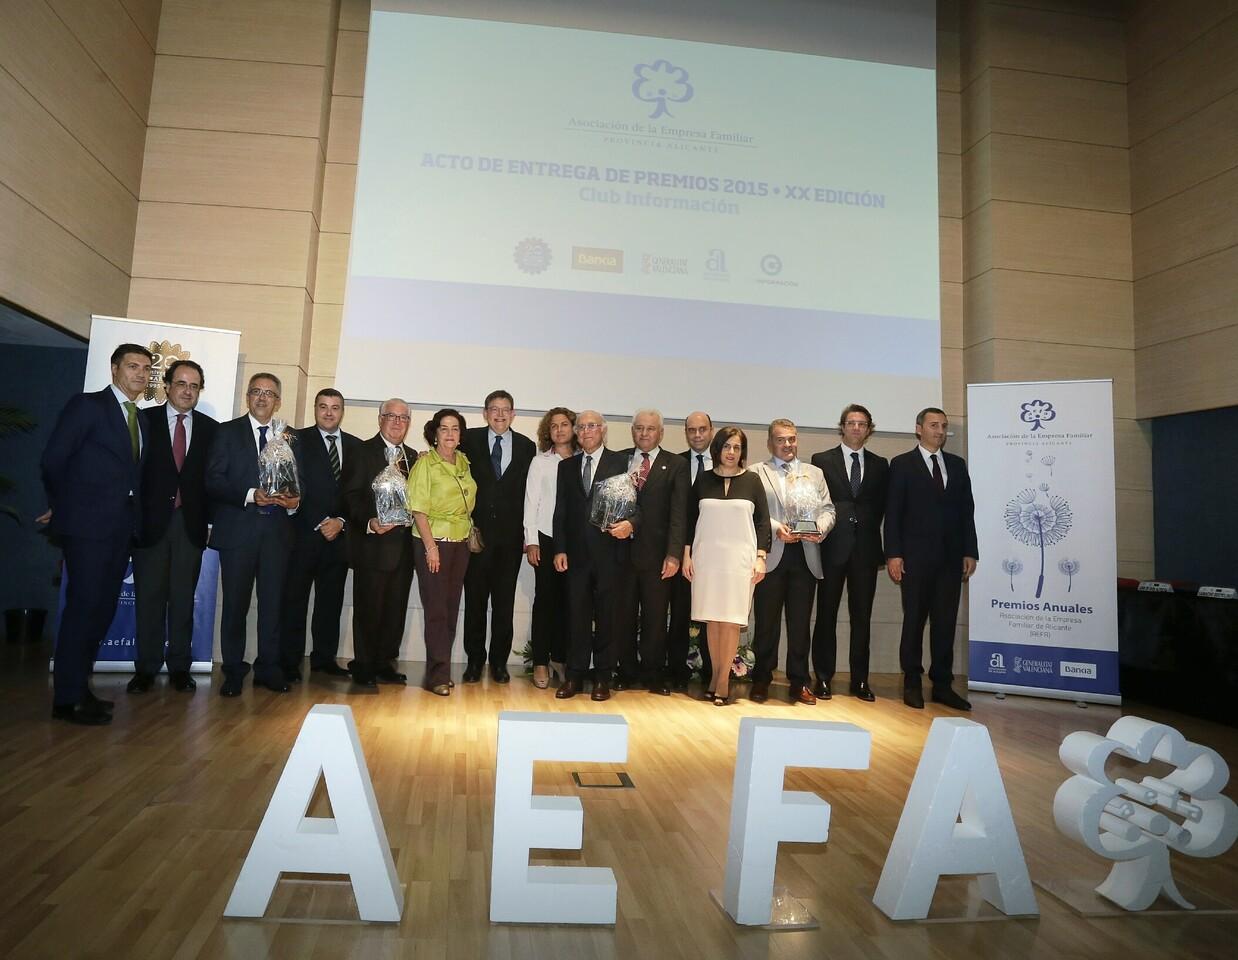 AEFA_03